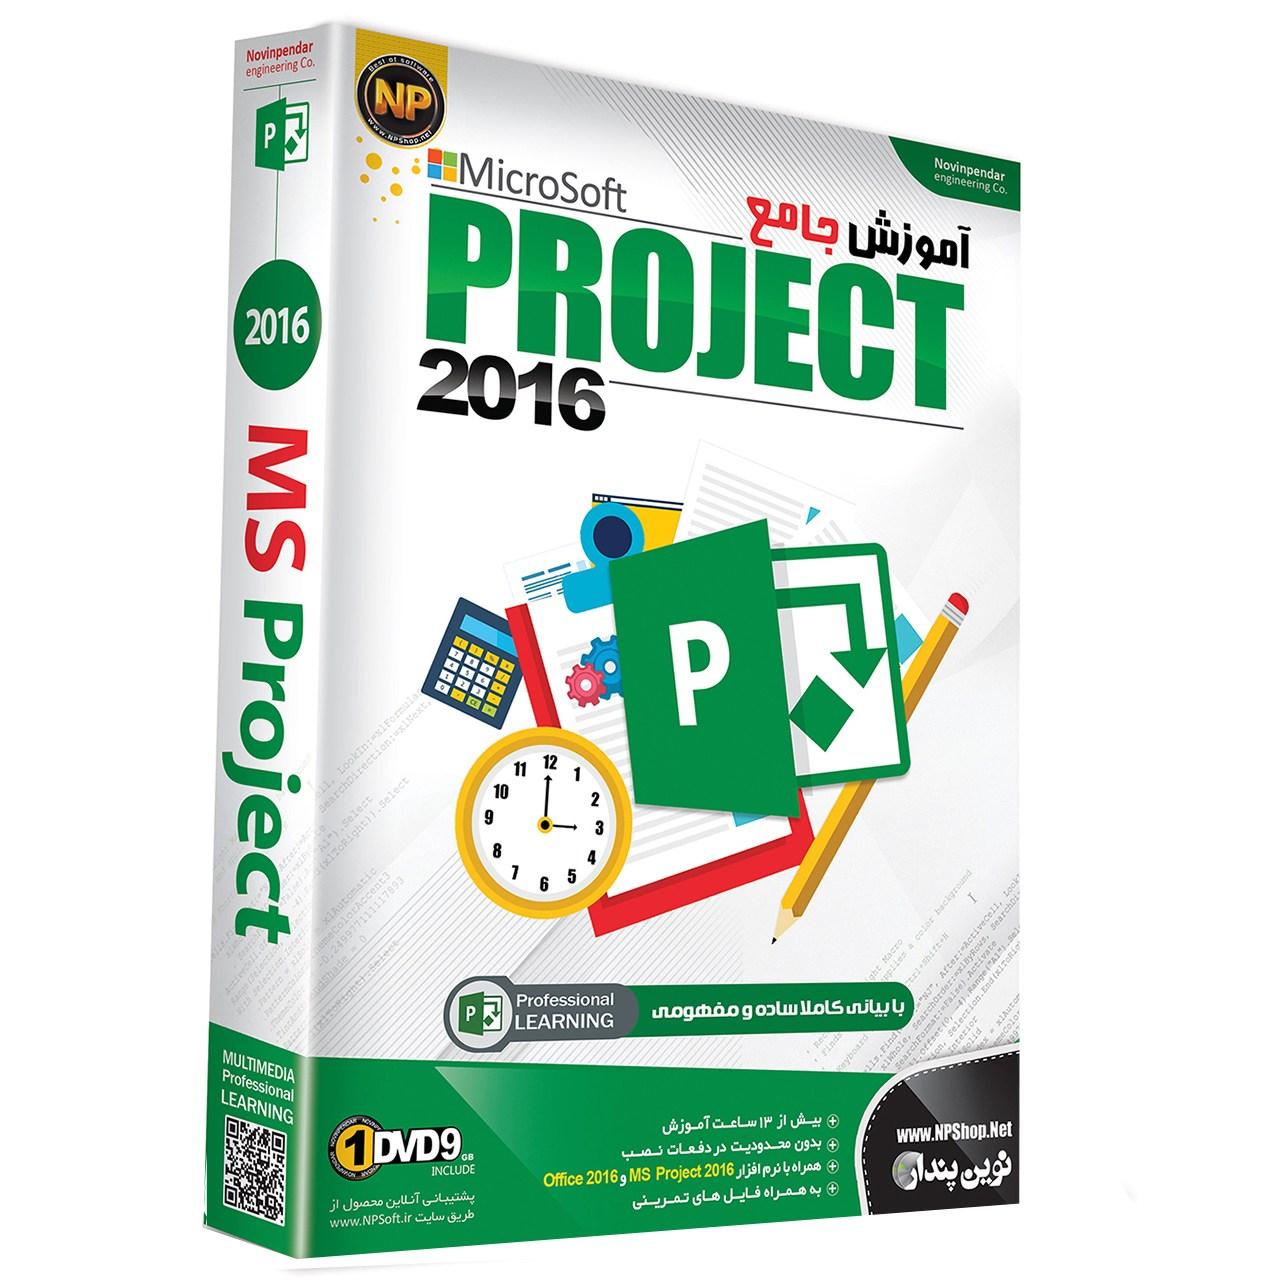 نرم افزار آموزش جامع Microsoft Project 2016 نشر نوین پندار